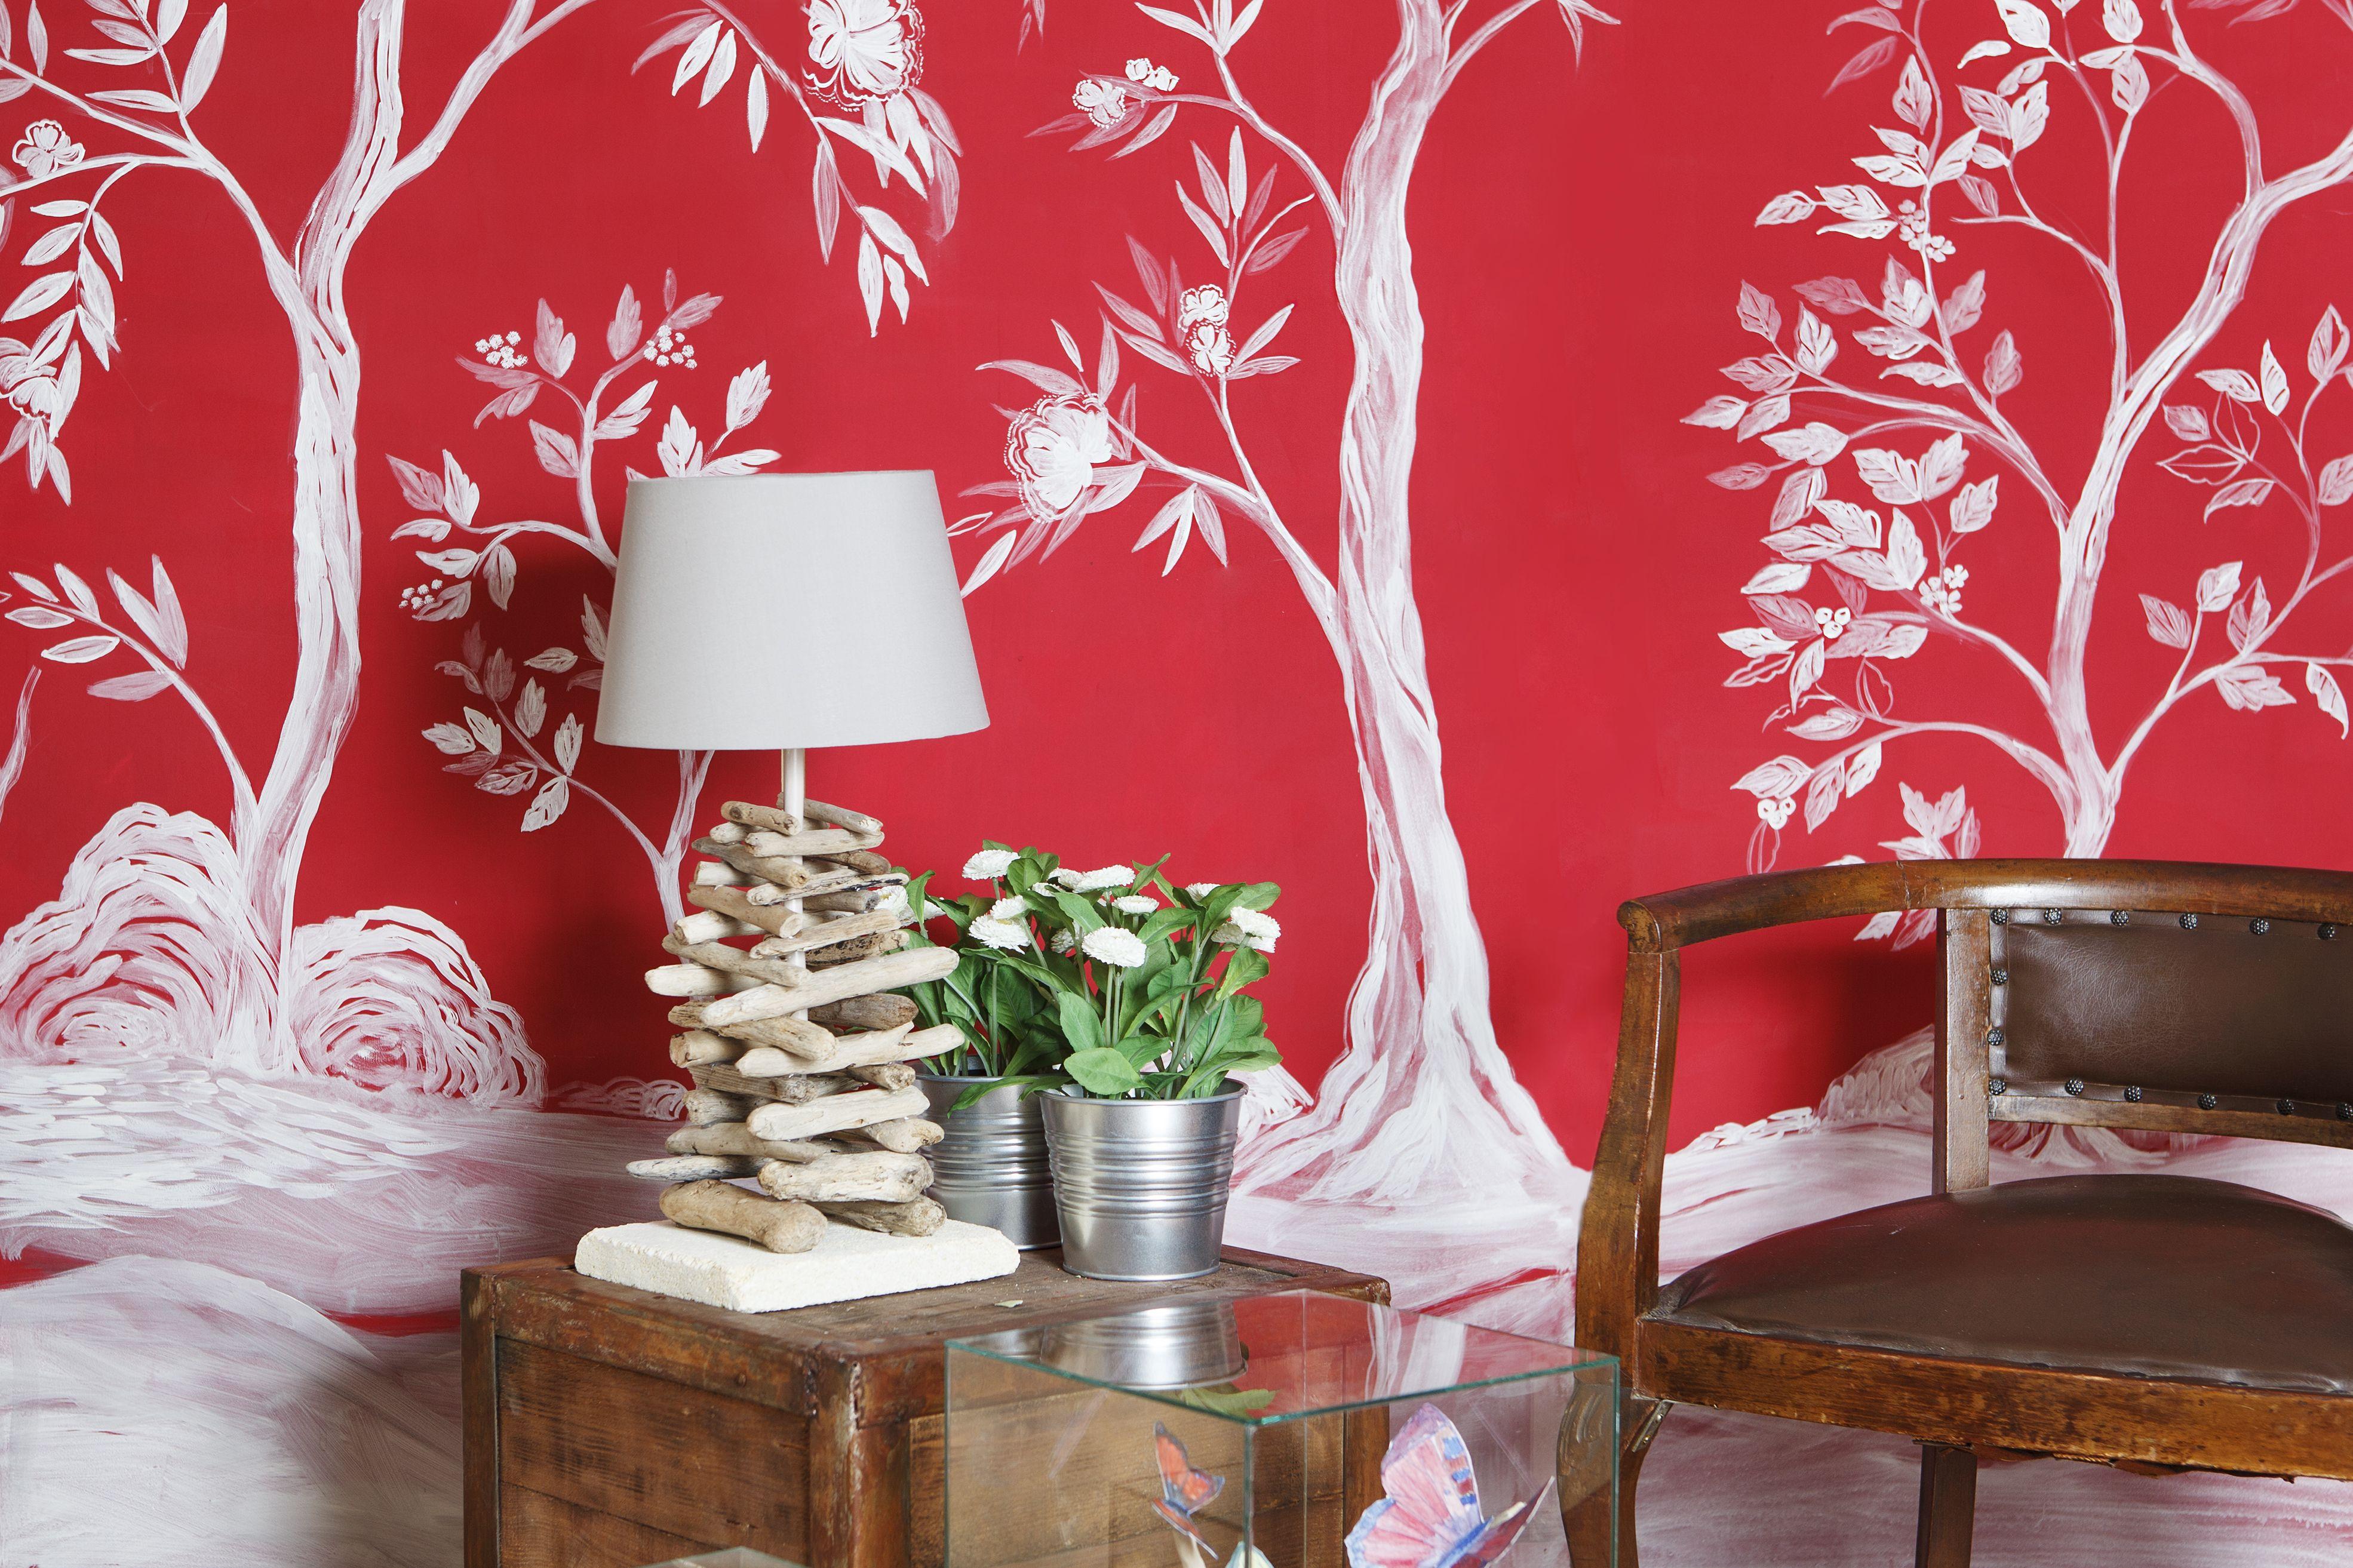 Proposta per decorare una parete! Dipinta a mano su fondo rosso. Arreda e riscalda il vostro salotto... Per maggiori informazioni passa al nostro sito: www.robinartstudio.net